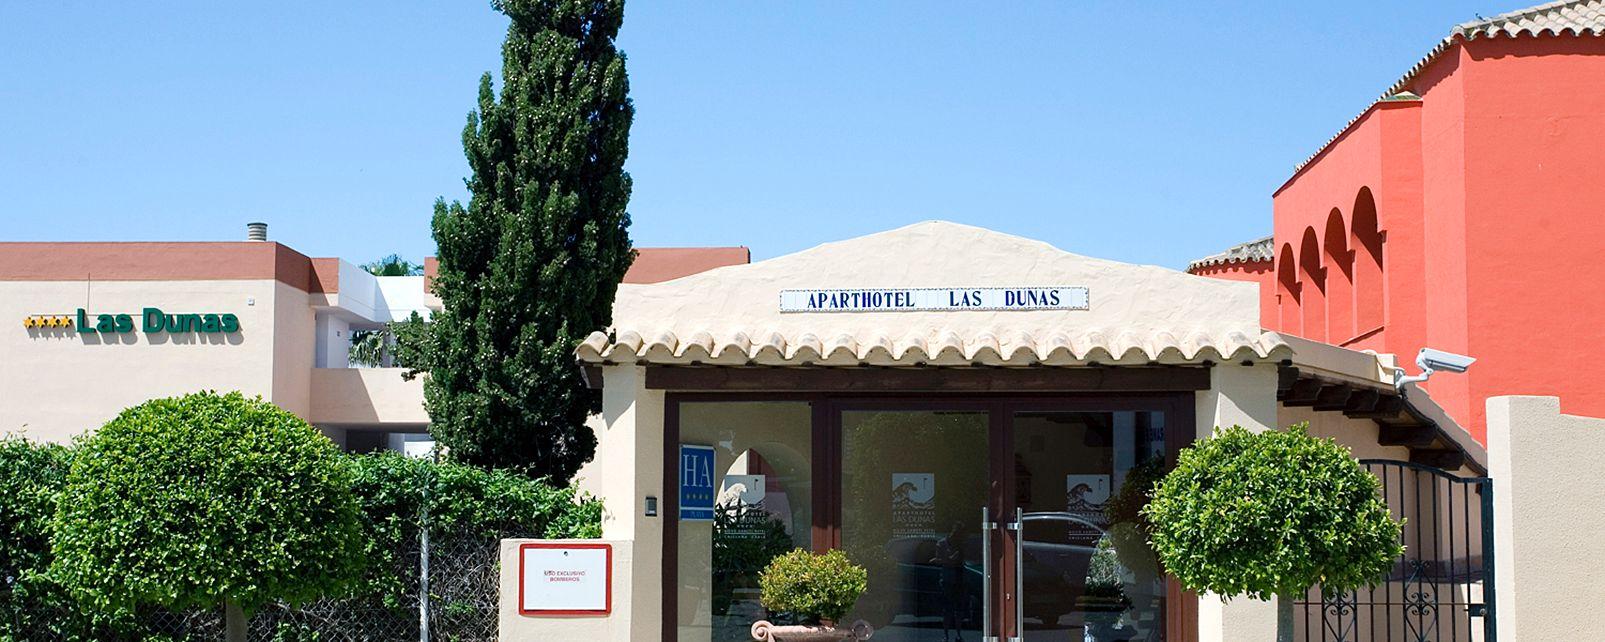 Hôtel Las Dunas